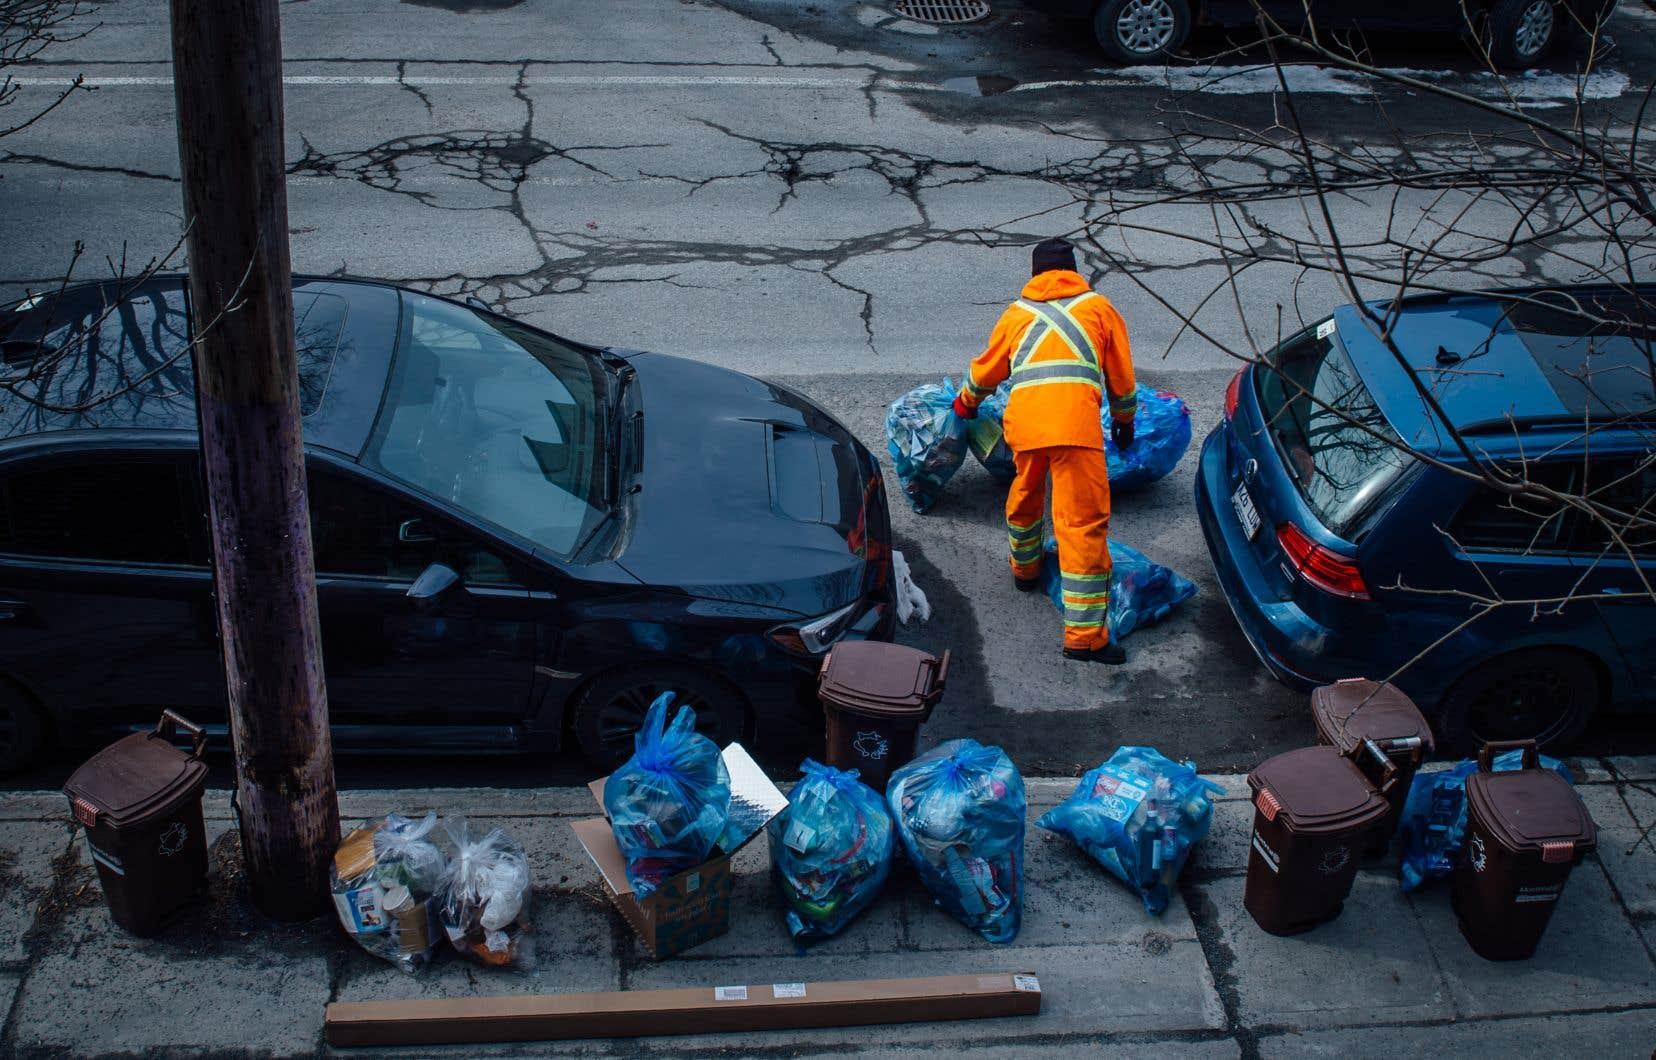 «Prenons les métiers liés à la propreté, écrivent Amicel et Boukerche. Socialement, ils sont déconsidérés et jugés dégradants. Pourtant, ils sont extrêmement utiles à la société, aussi bien sur le plan pratique que financier. Il suffit d'une grève des éboueurs pour qu'une ville se transforme en dépotoir pestilentiel qui, au-delà des désagréments, peut devenir problématique au niveau sanitaire.»